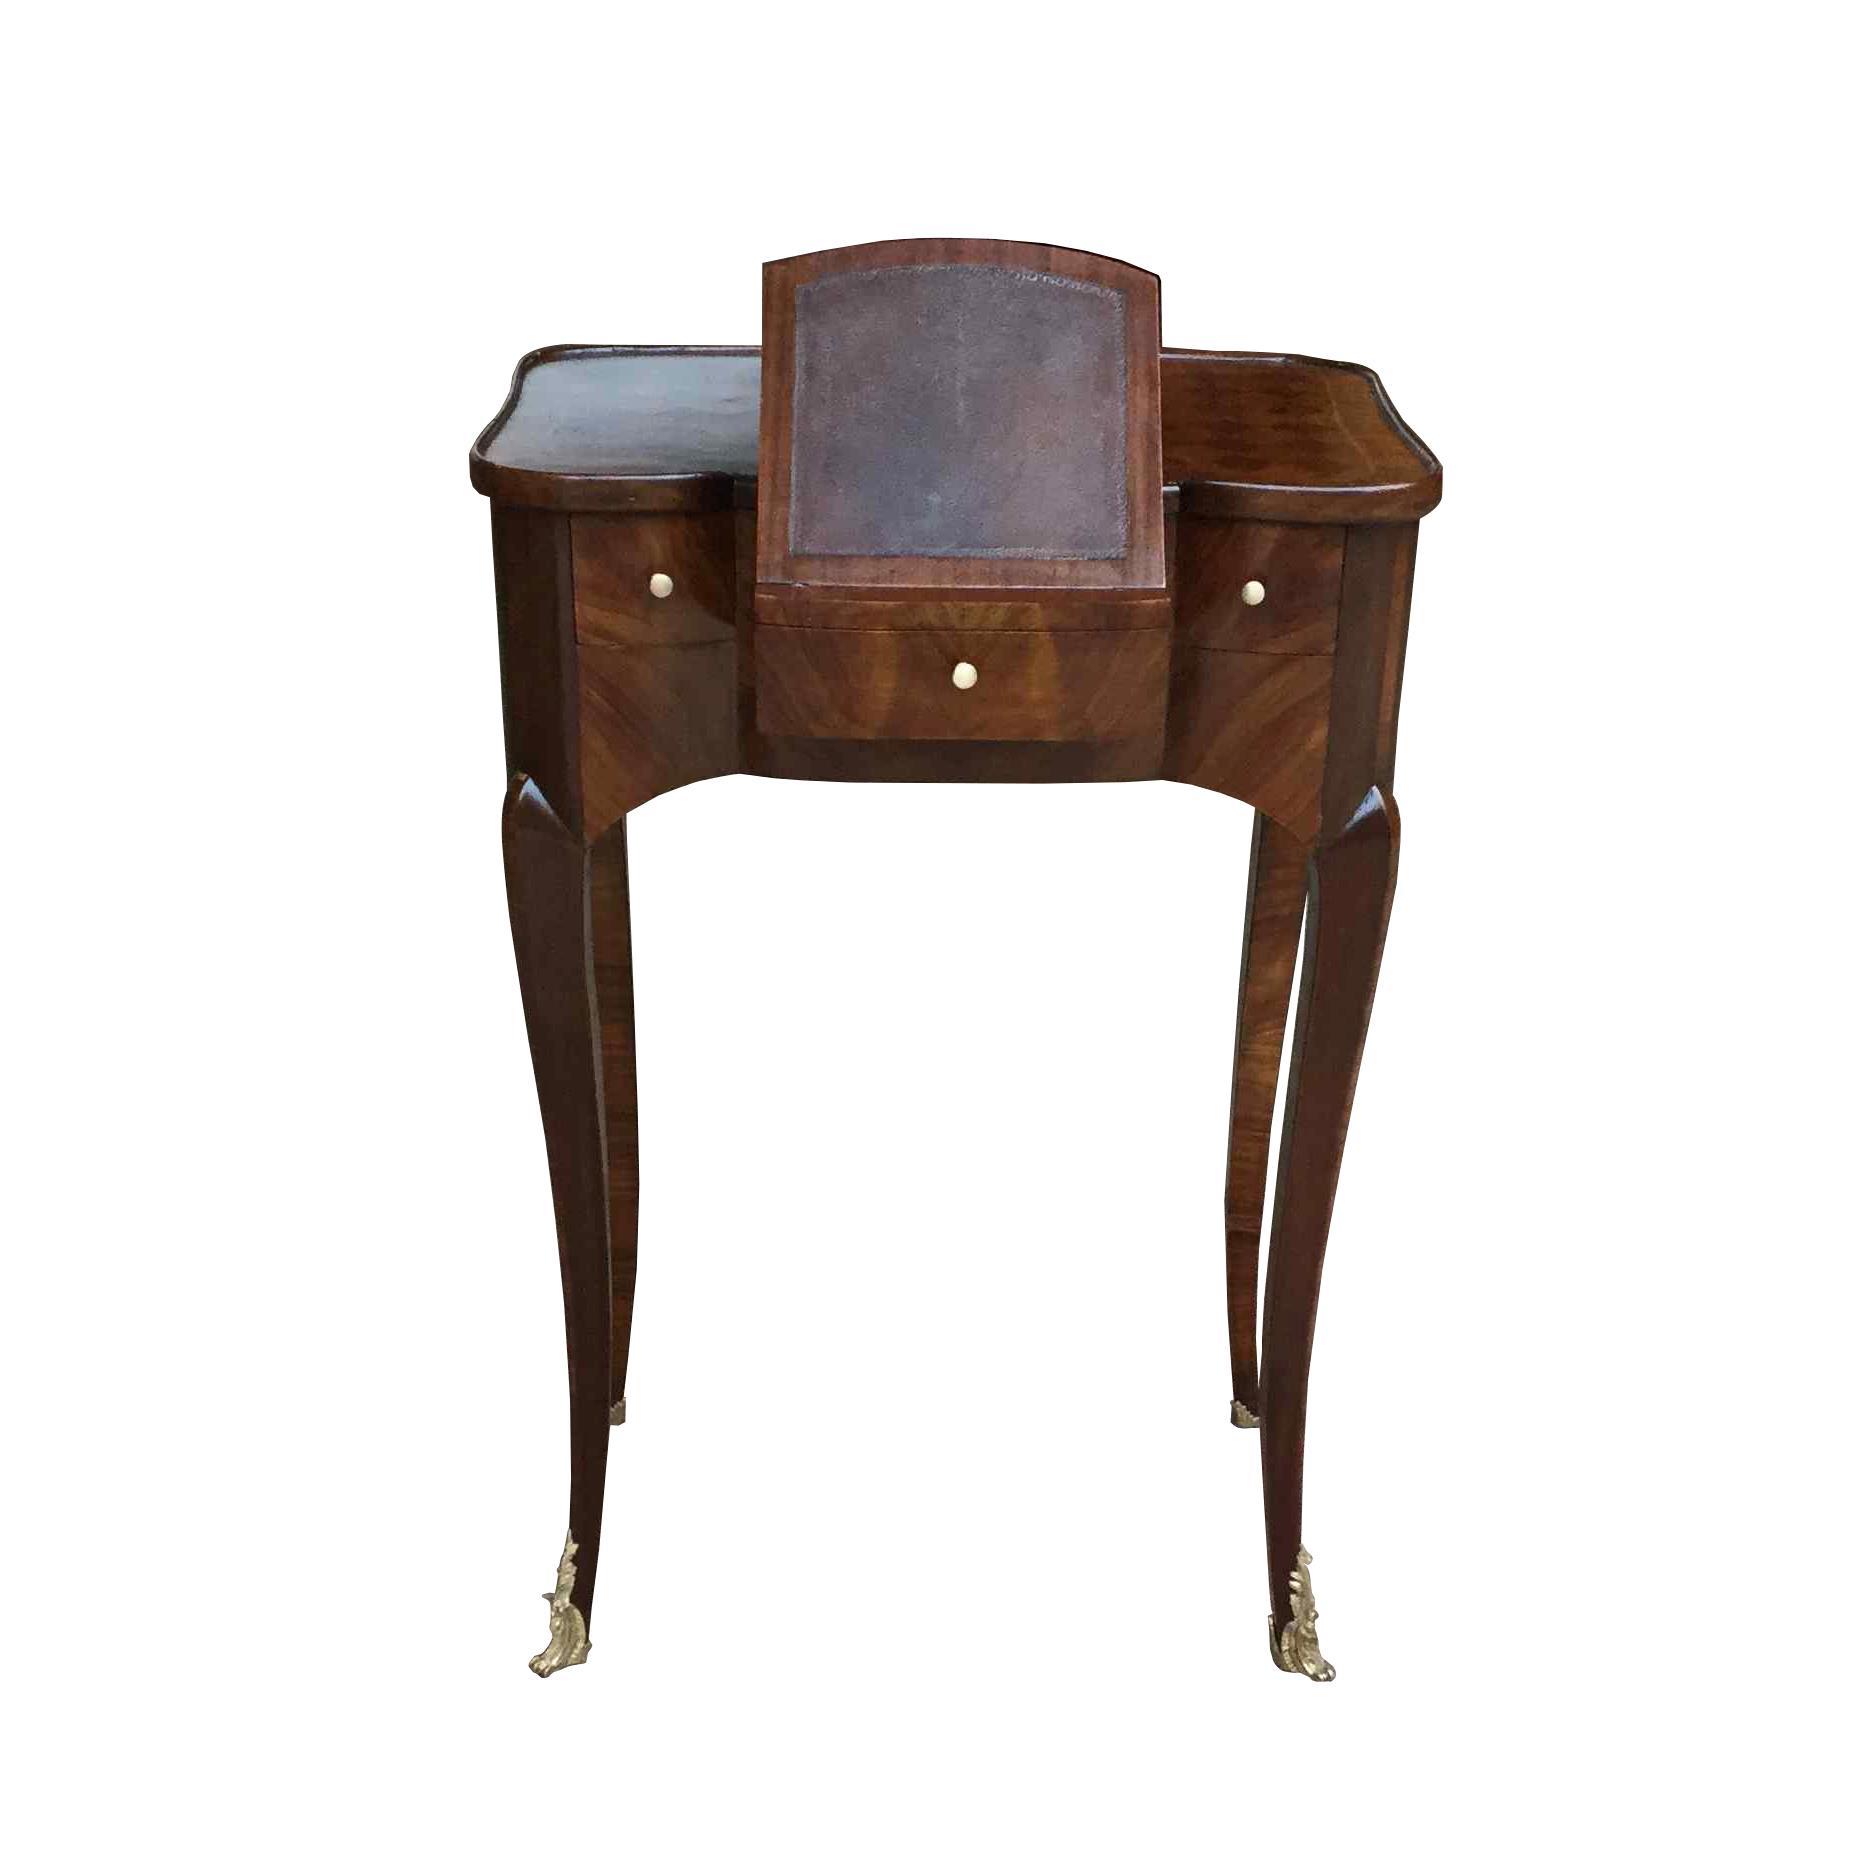 Table d'appoint de style LOUIS XV époque NAPOLEON III